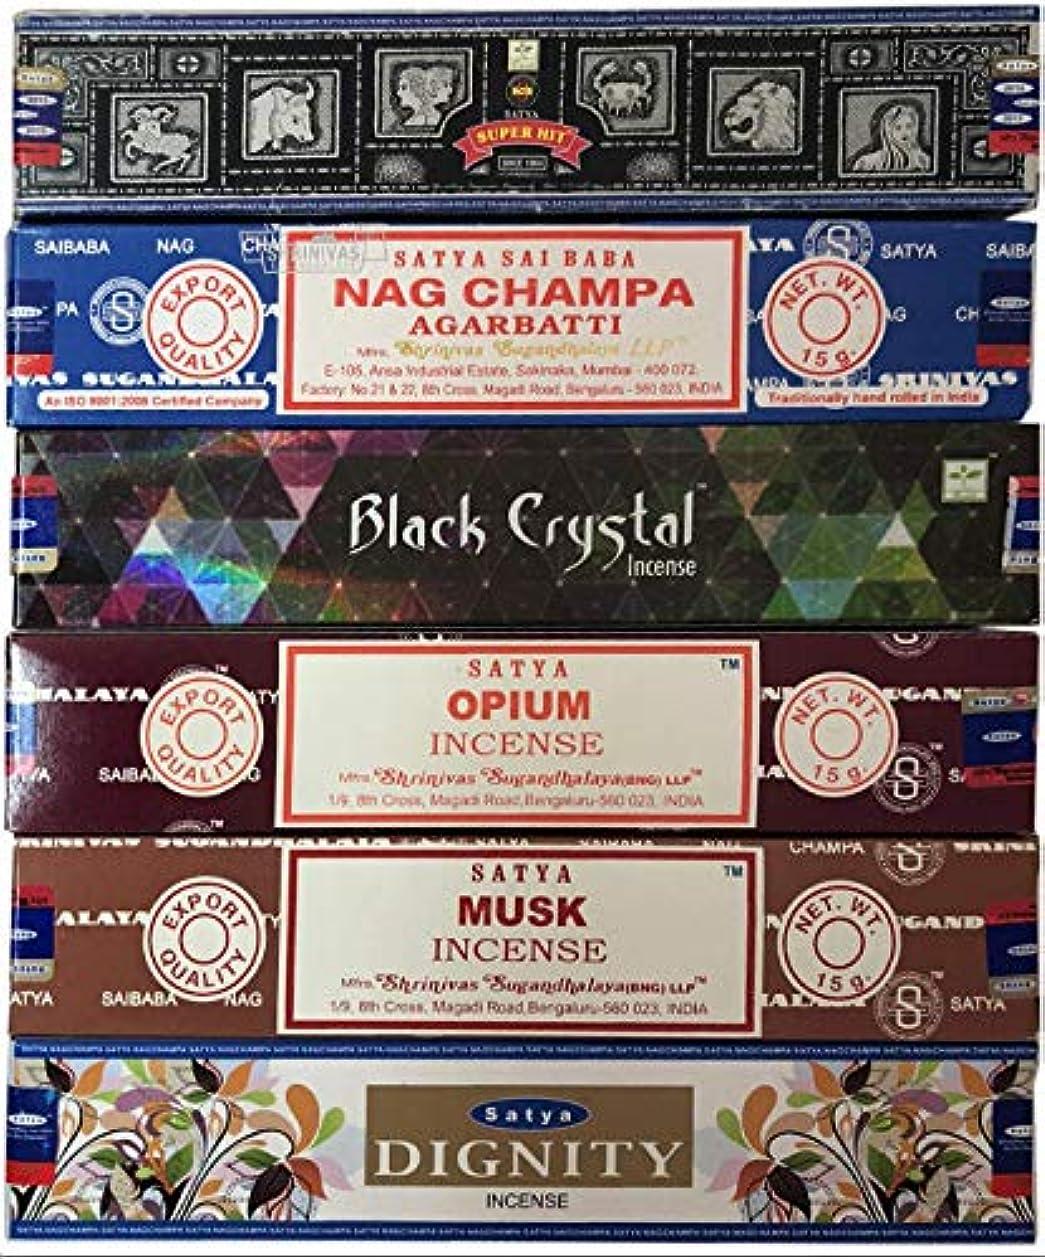 きしむ学ぶ西部Nag Champa 6ピース バラエティーパック ナグチャンプ スーパーヒット ブラッククリスタル オピウム ムスク ディグニティ